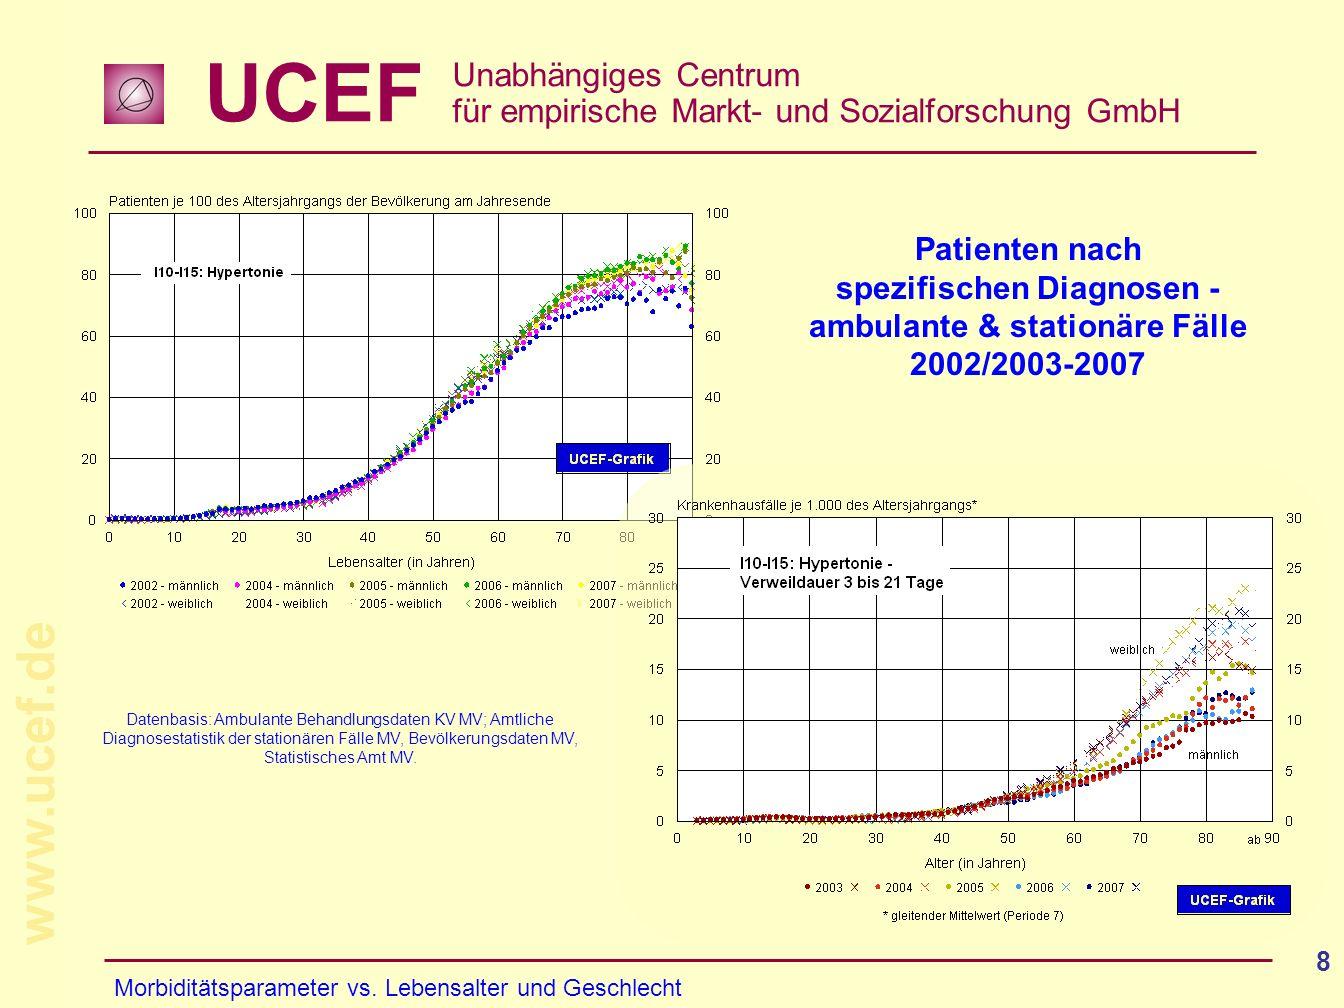 UCEF Unabhängiges Centrum für empirische Markt- und Sozialforschung GmbH www.ucef.de 8 Patienten nach spezifischen Diagnosen - ambulante & stationäre